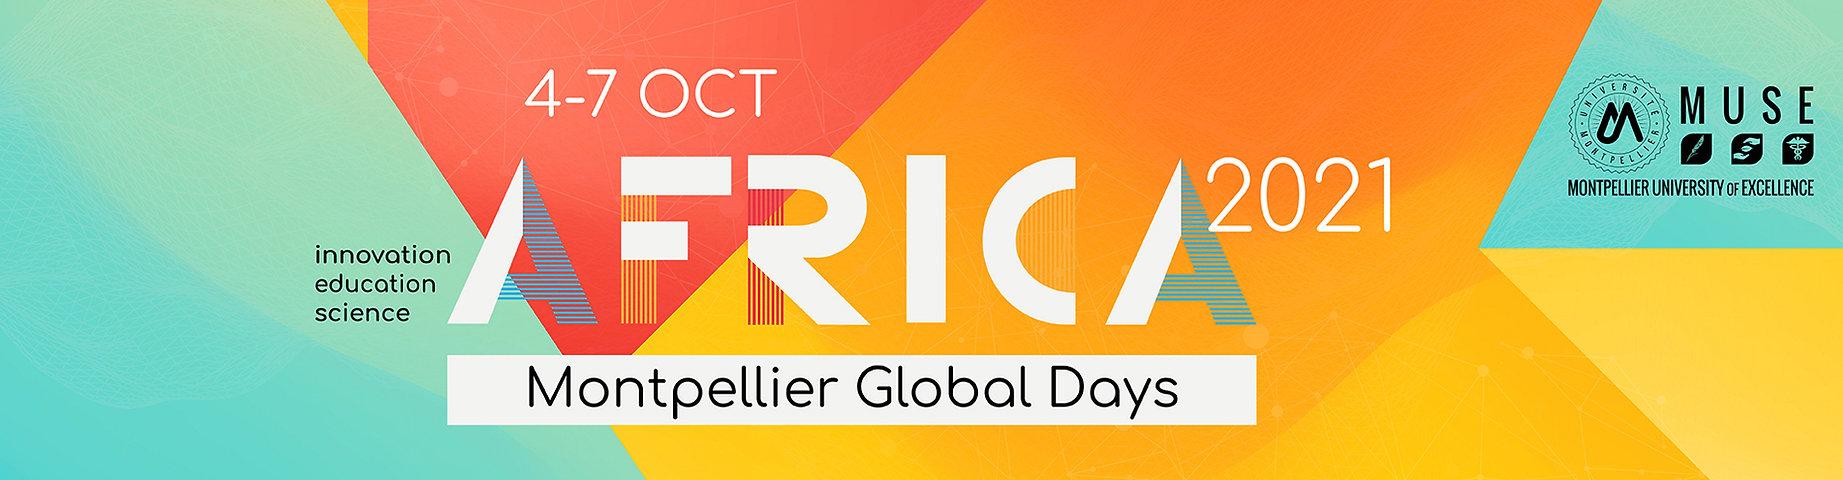 Web-header-Global days-1920x500.jpg